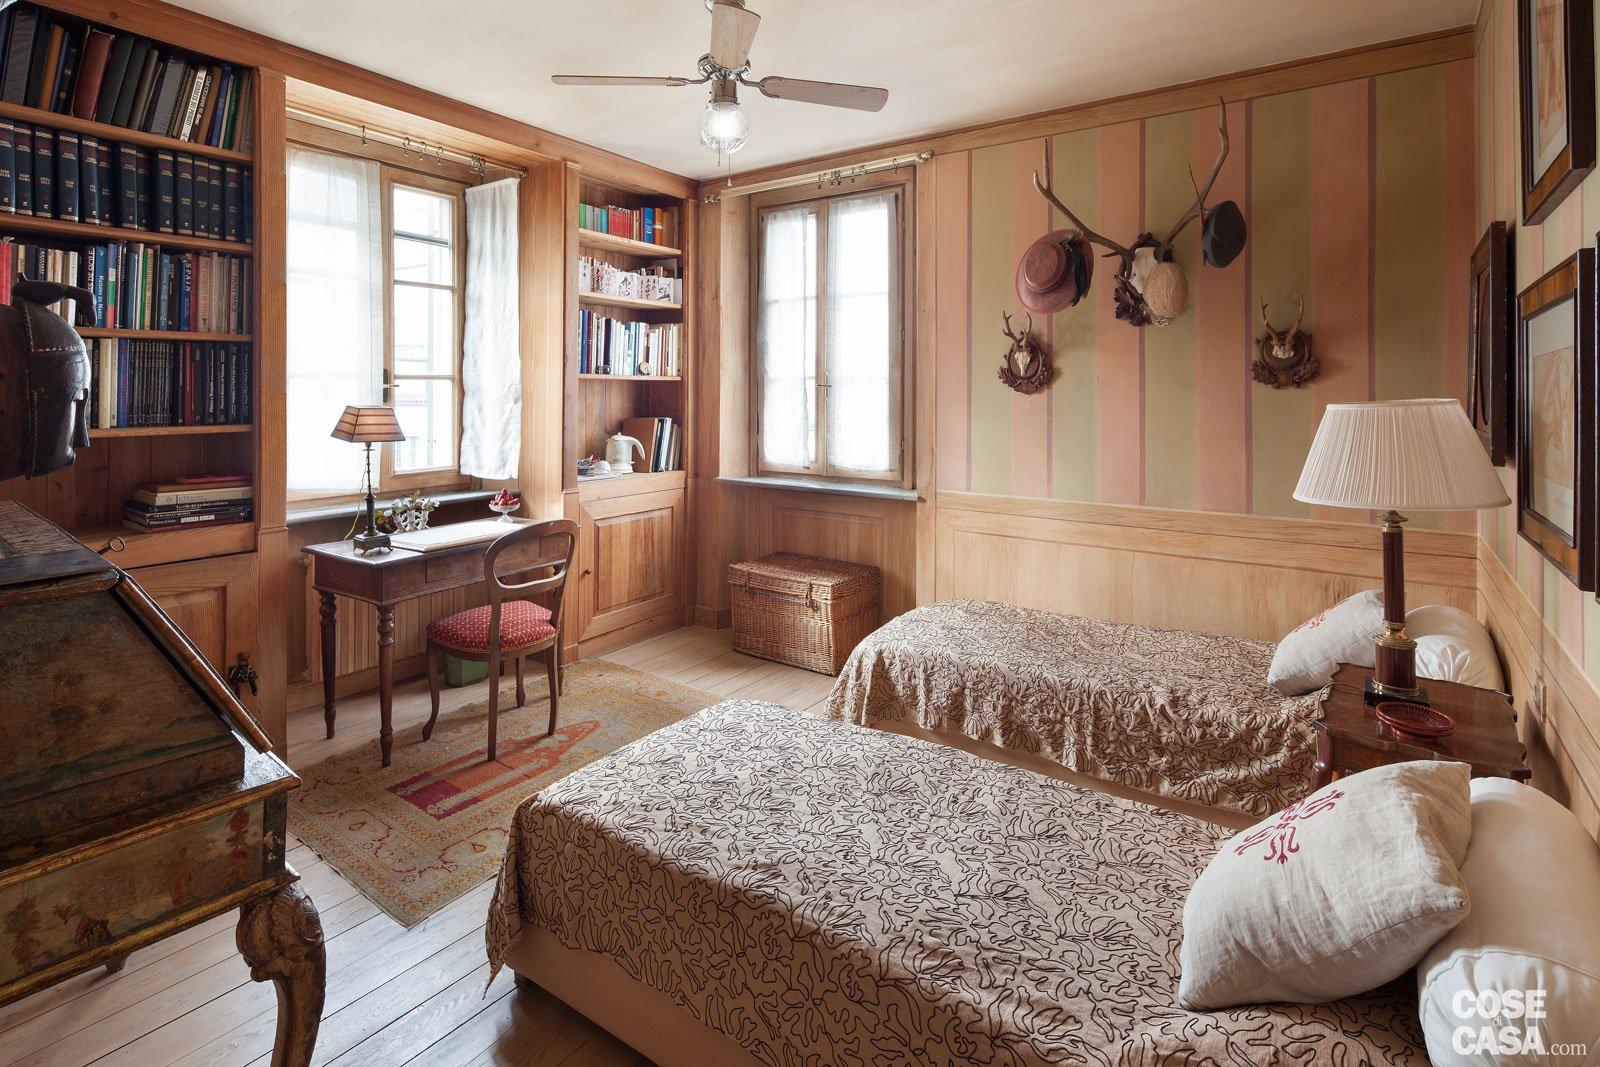 Camera Da Letto Travi A Vista : Da cascina a casa chic con travi vista e soffitti